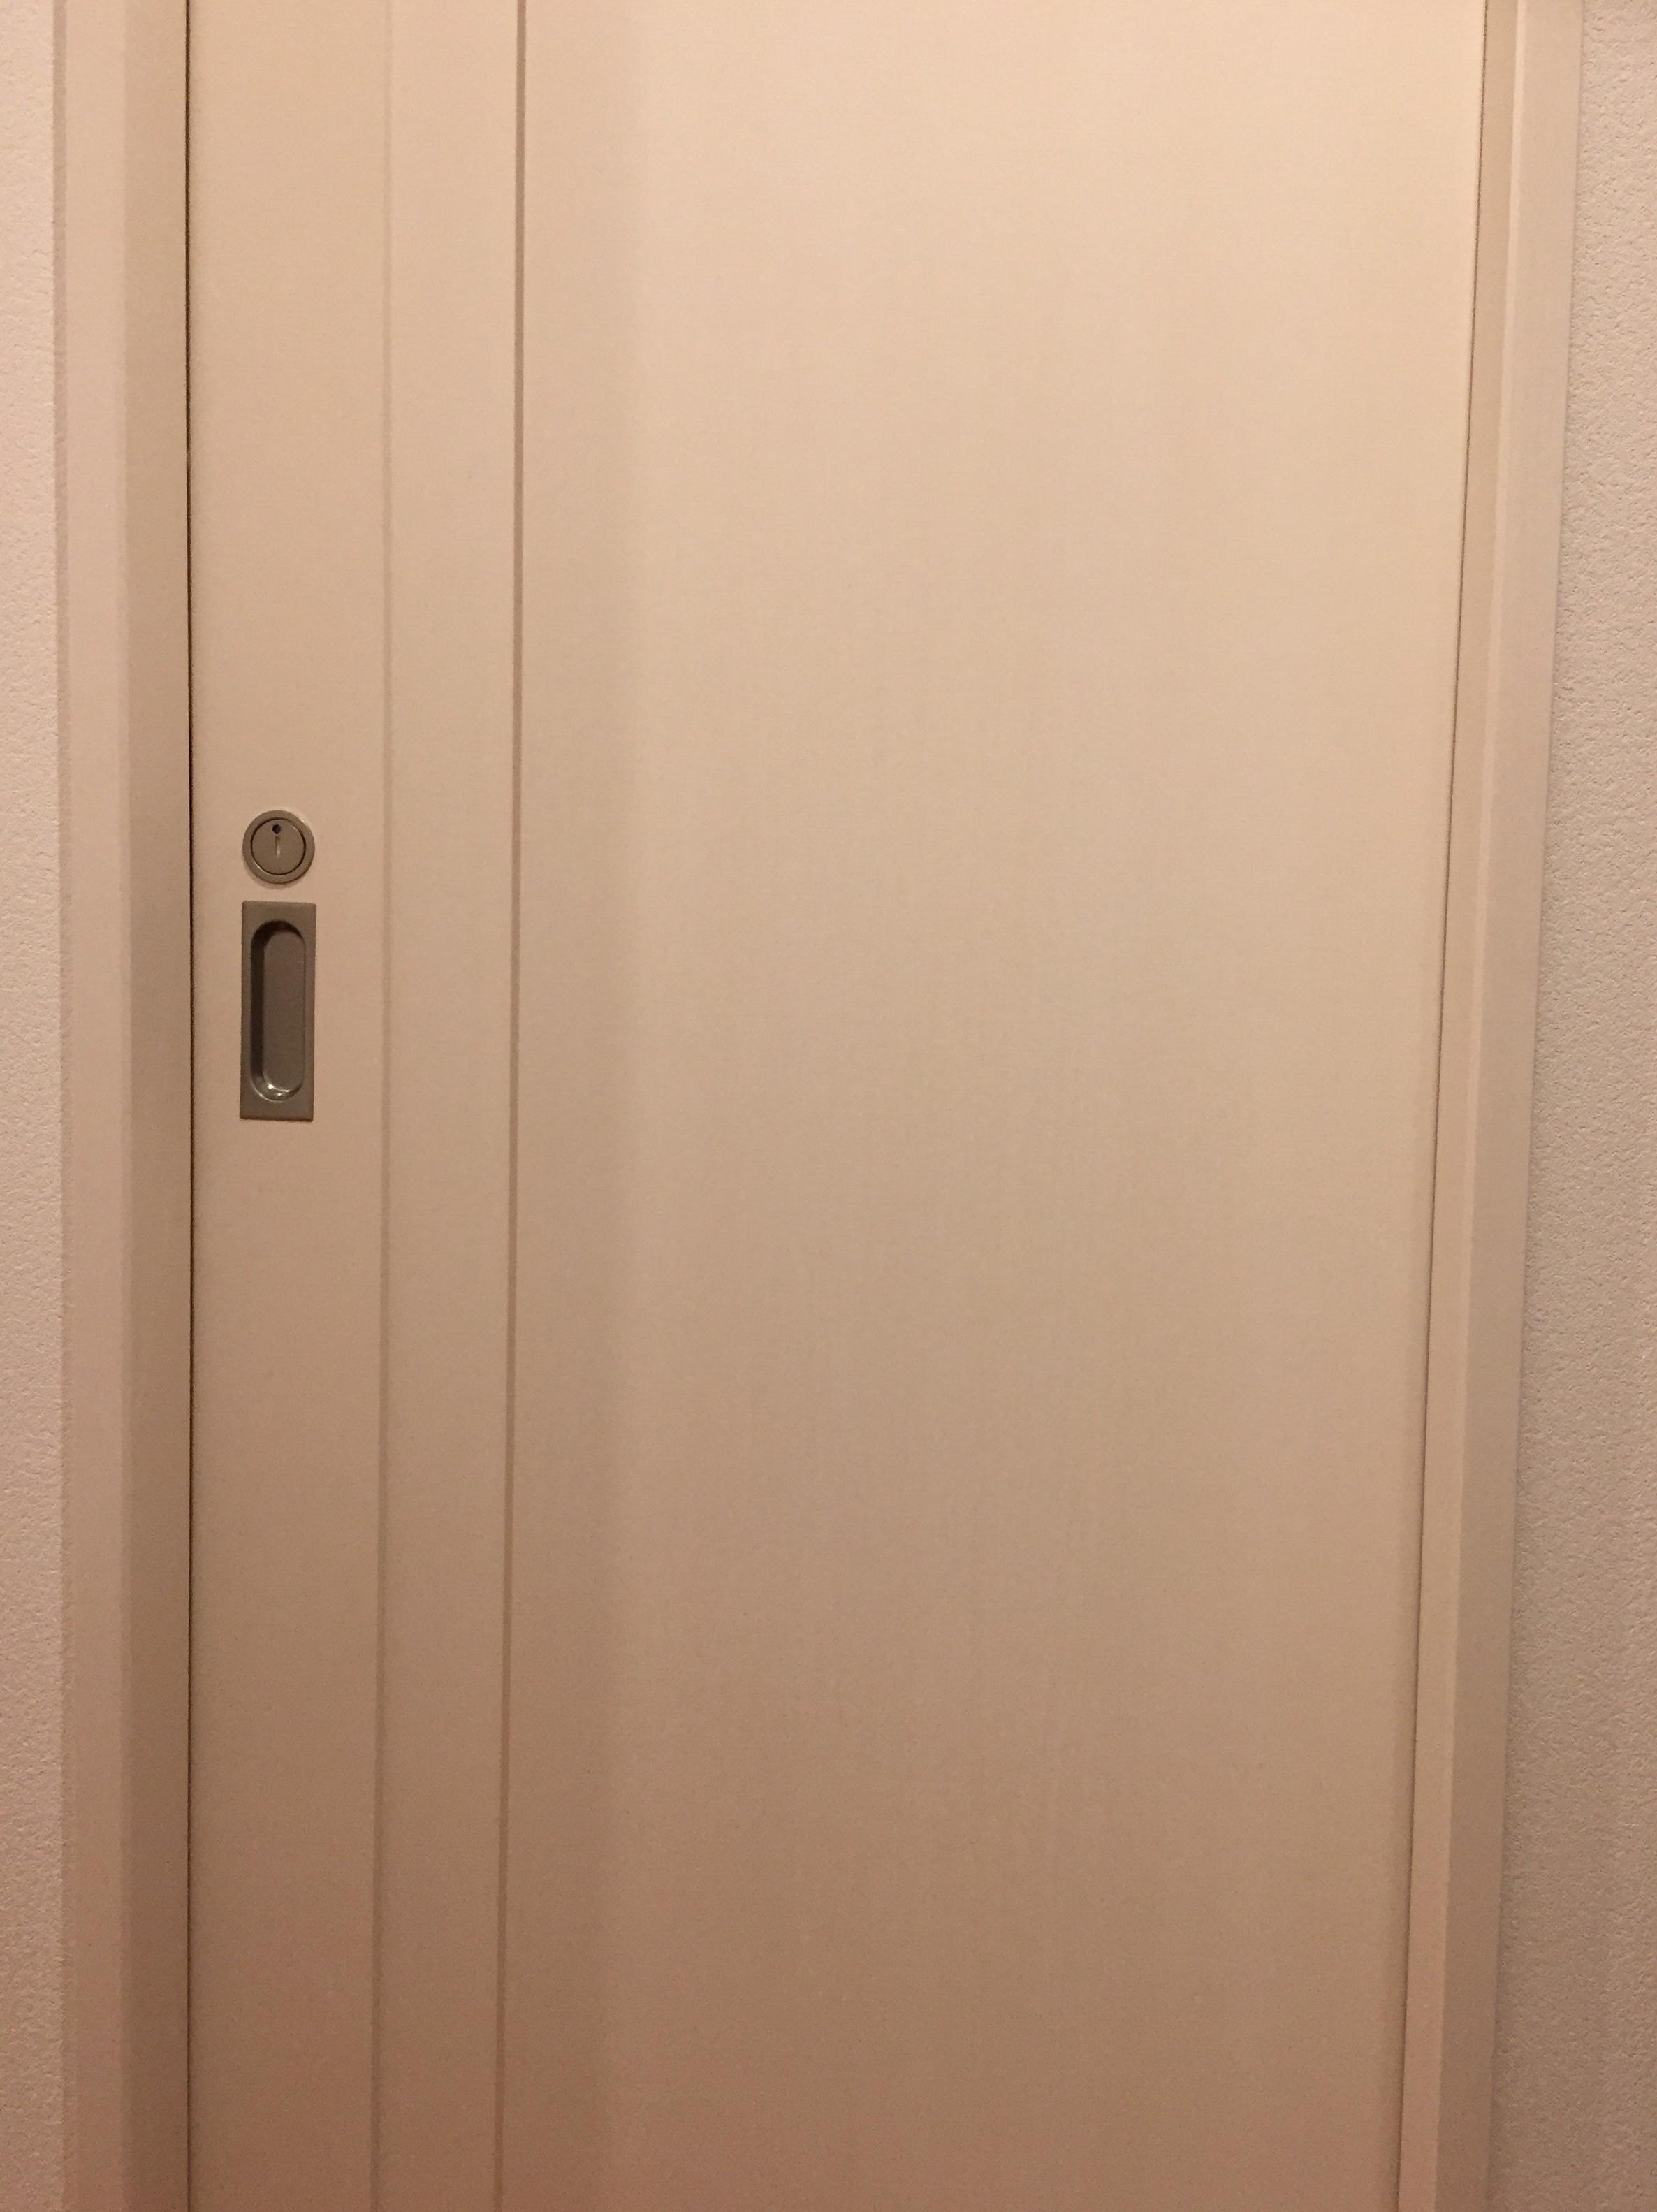 「web内覧会」1階トイレ(ドア、スイッチ)